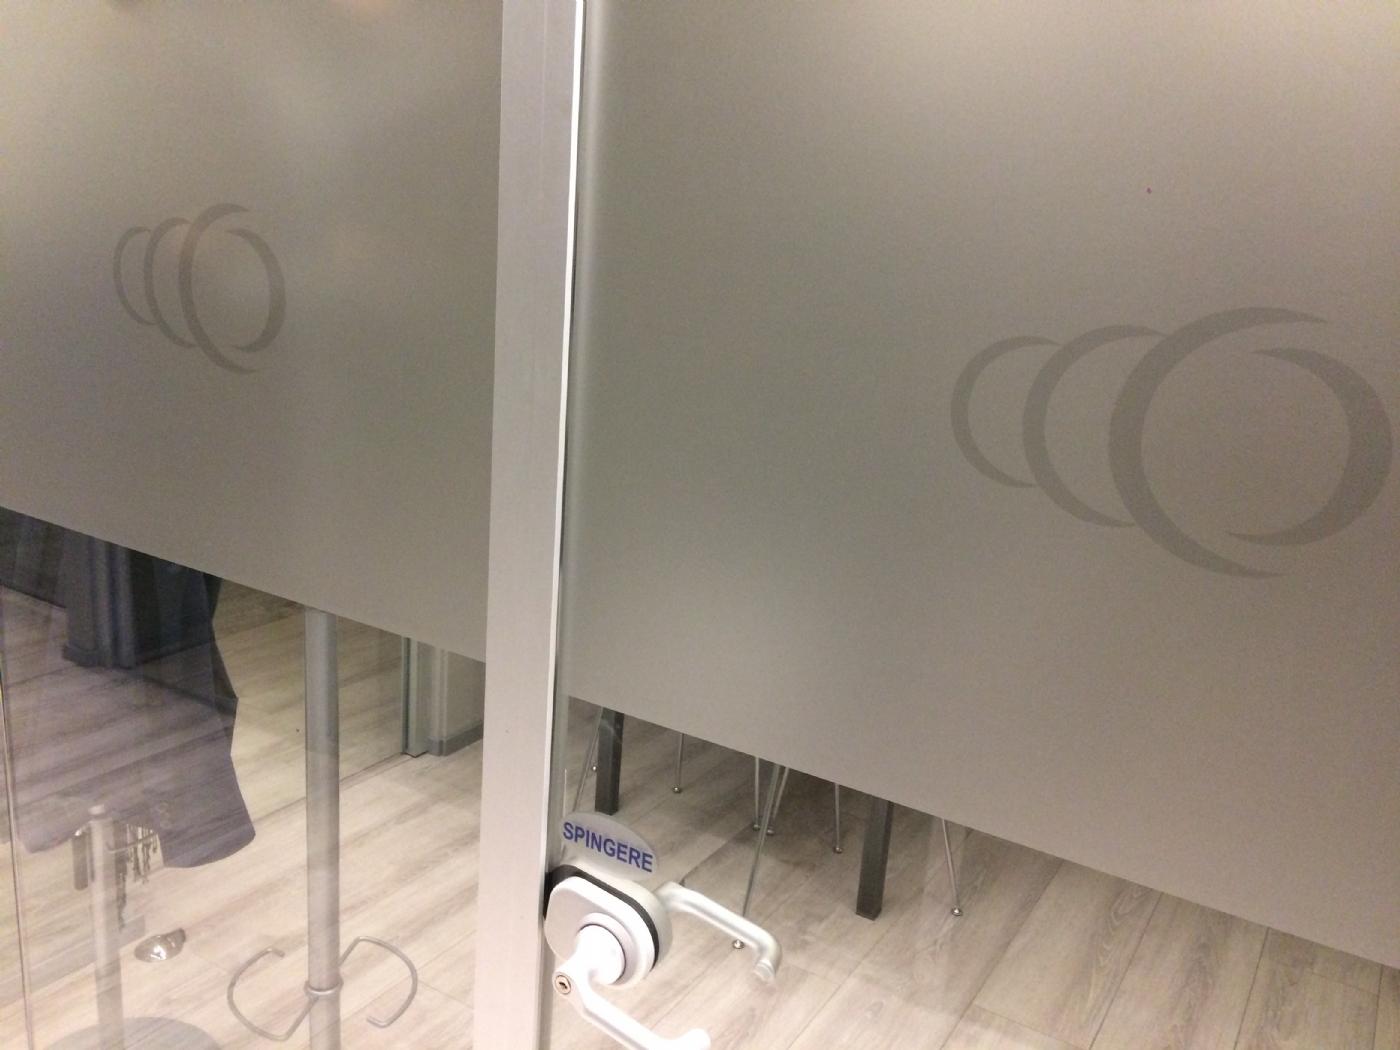 Pellicola adesiva effetto sabbiatura per vetri adesiva for Adesivi per vetri ikea